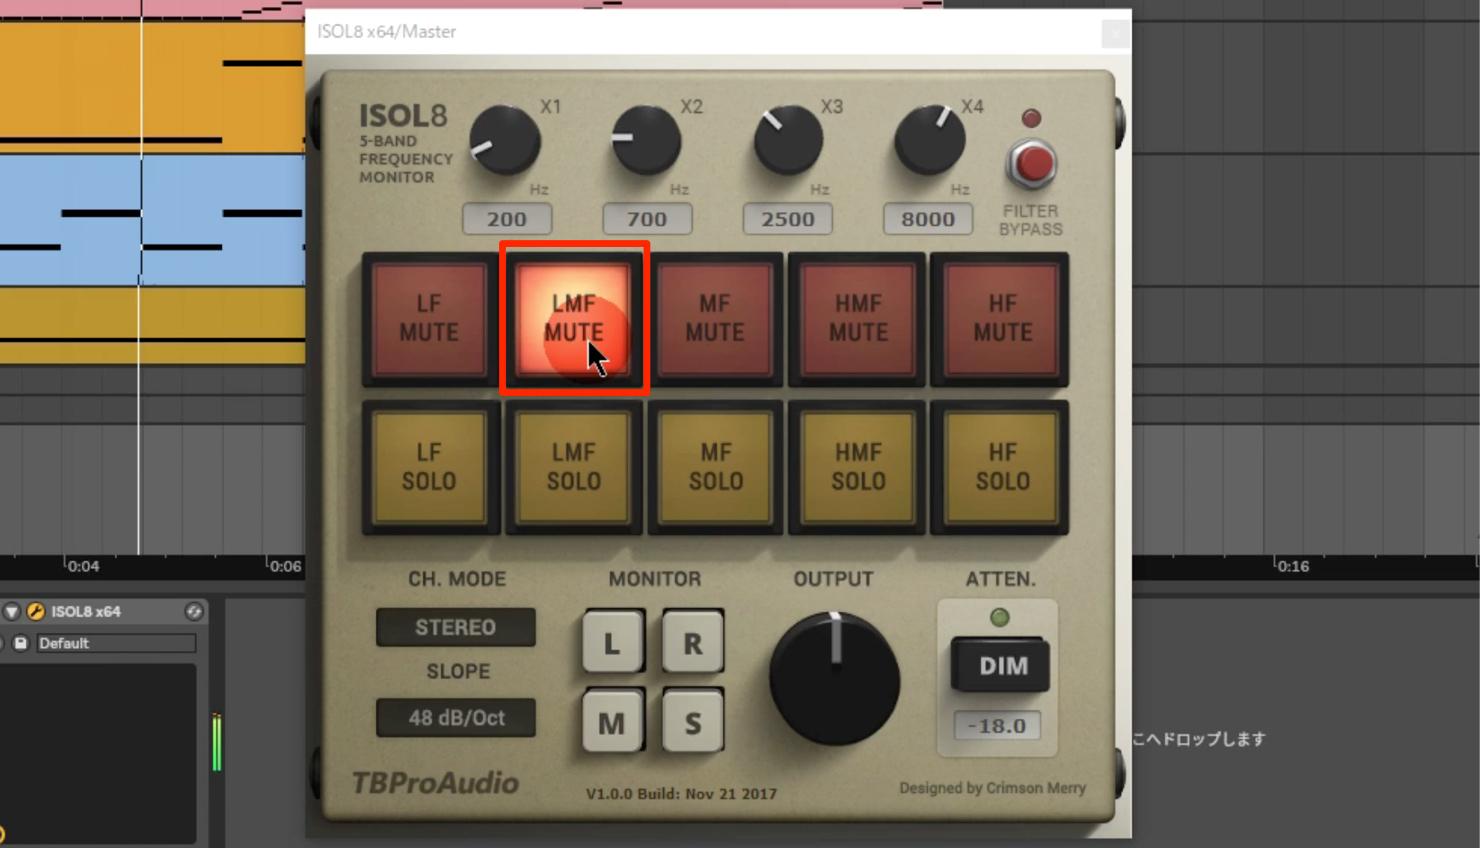 TBProAudio-ISOL8-How-to-6